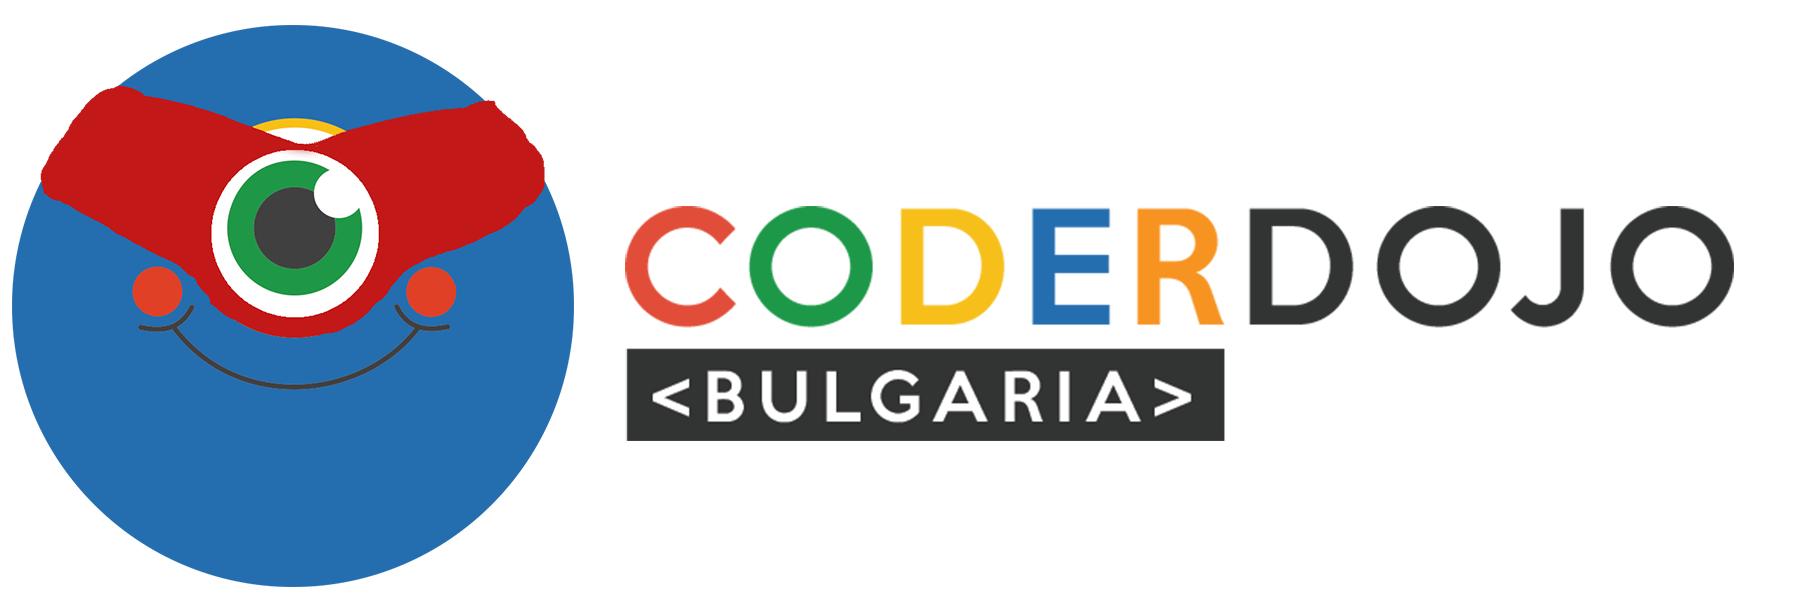 coderdojoBulgaria